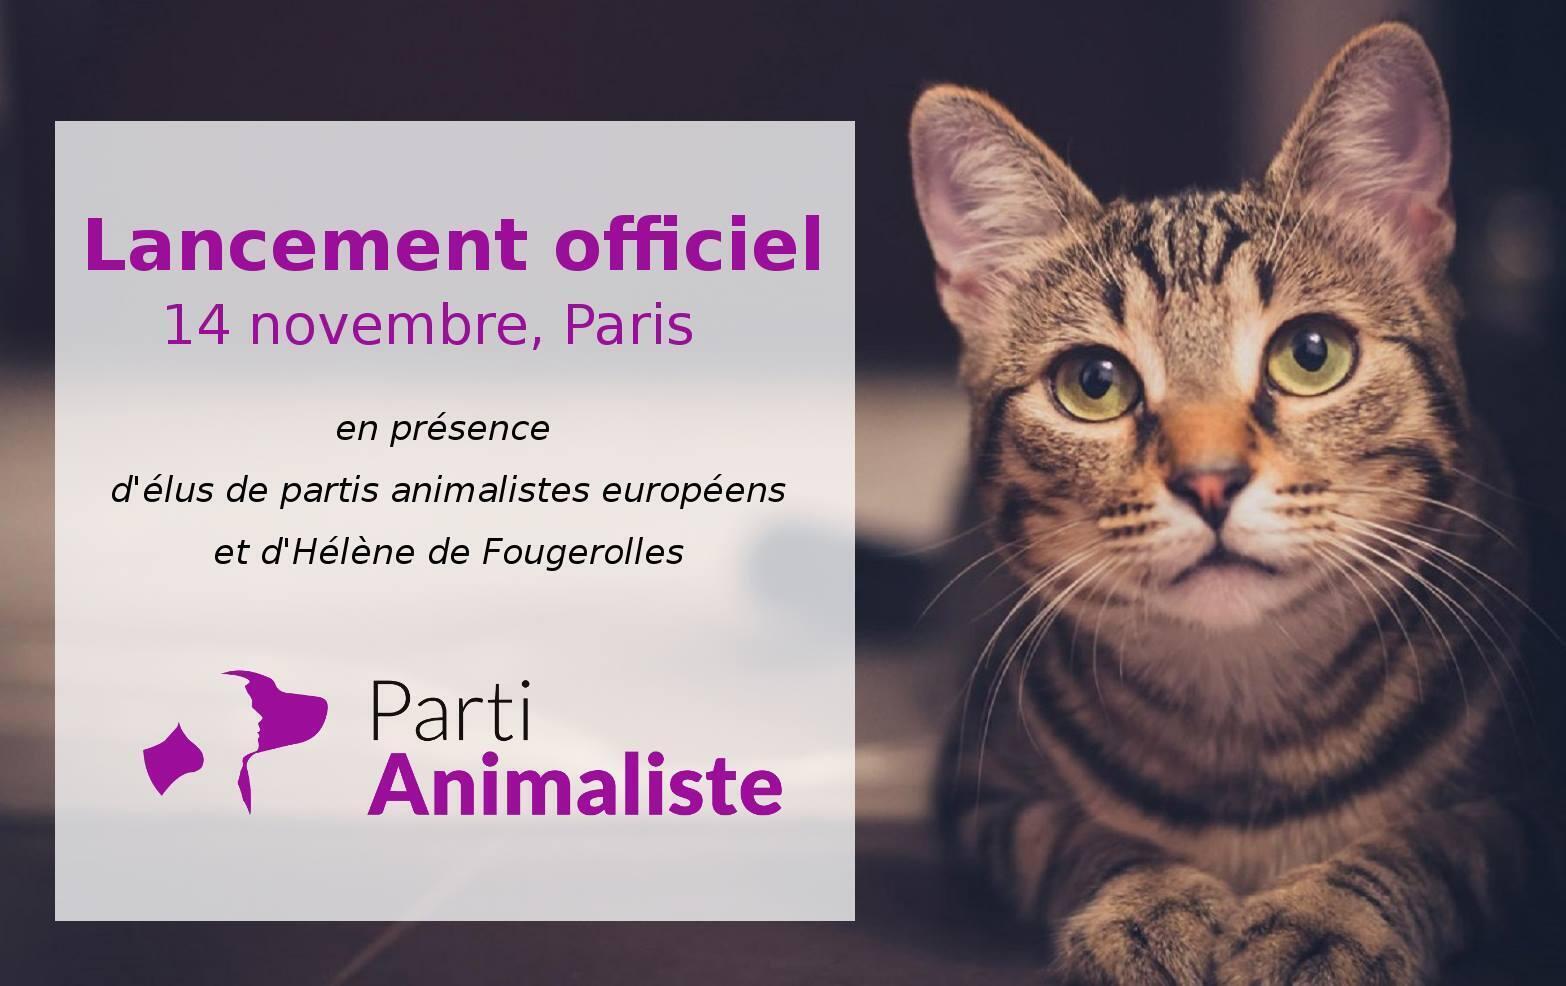 Partido Animalista quer inscrever direito dos animais na Constituição francesa.